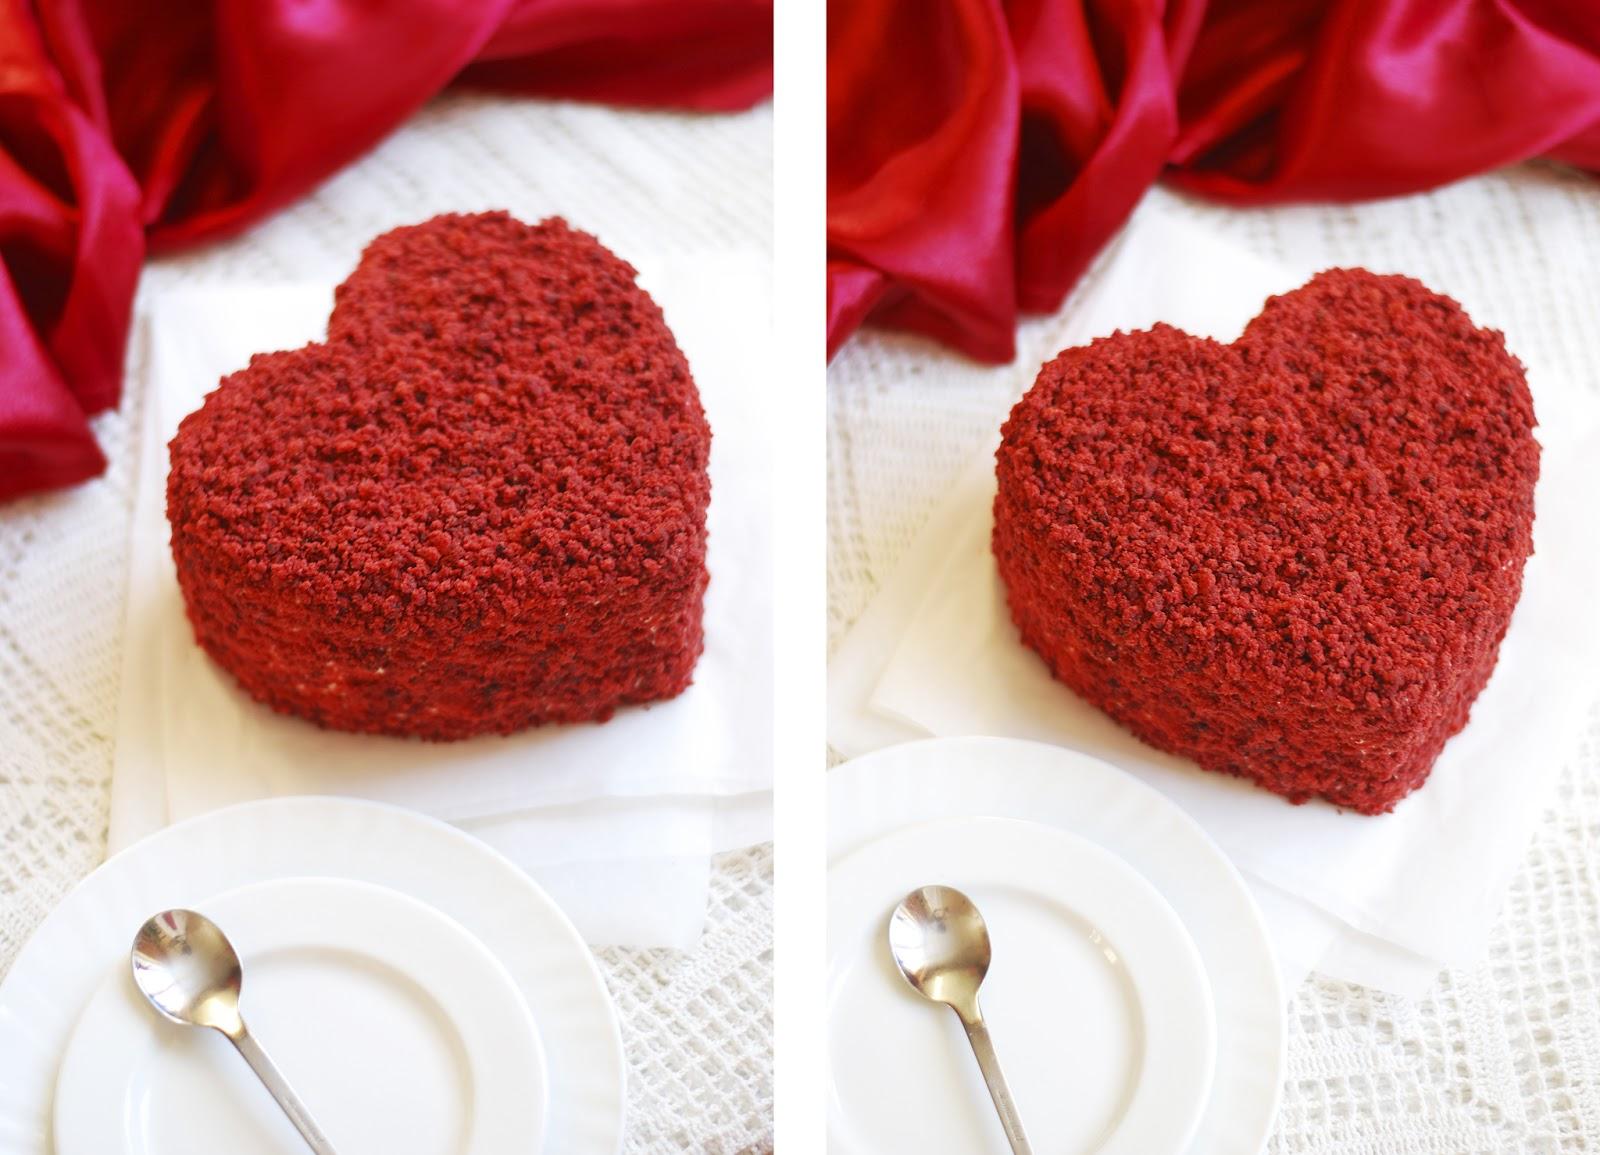 Как сделать торт в виде сердца из круглых коржей